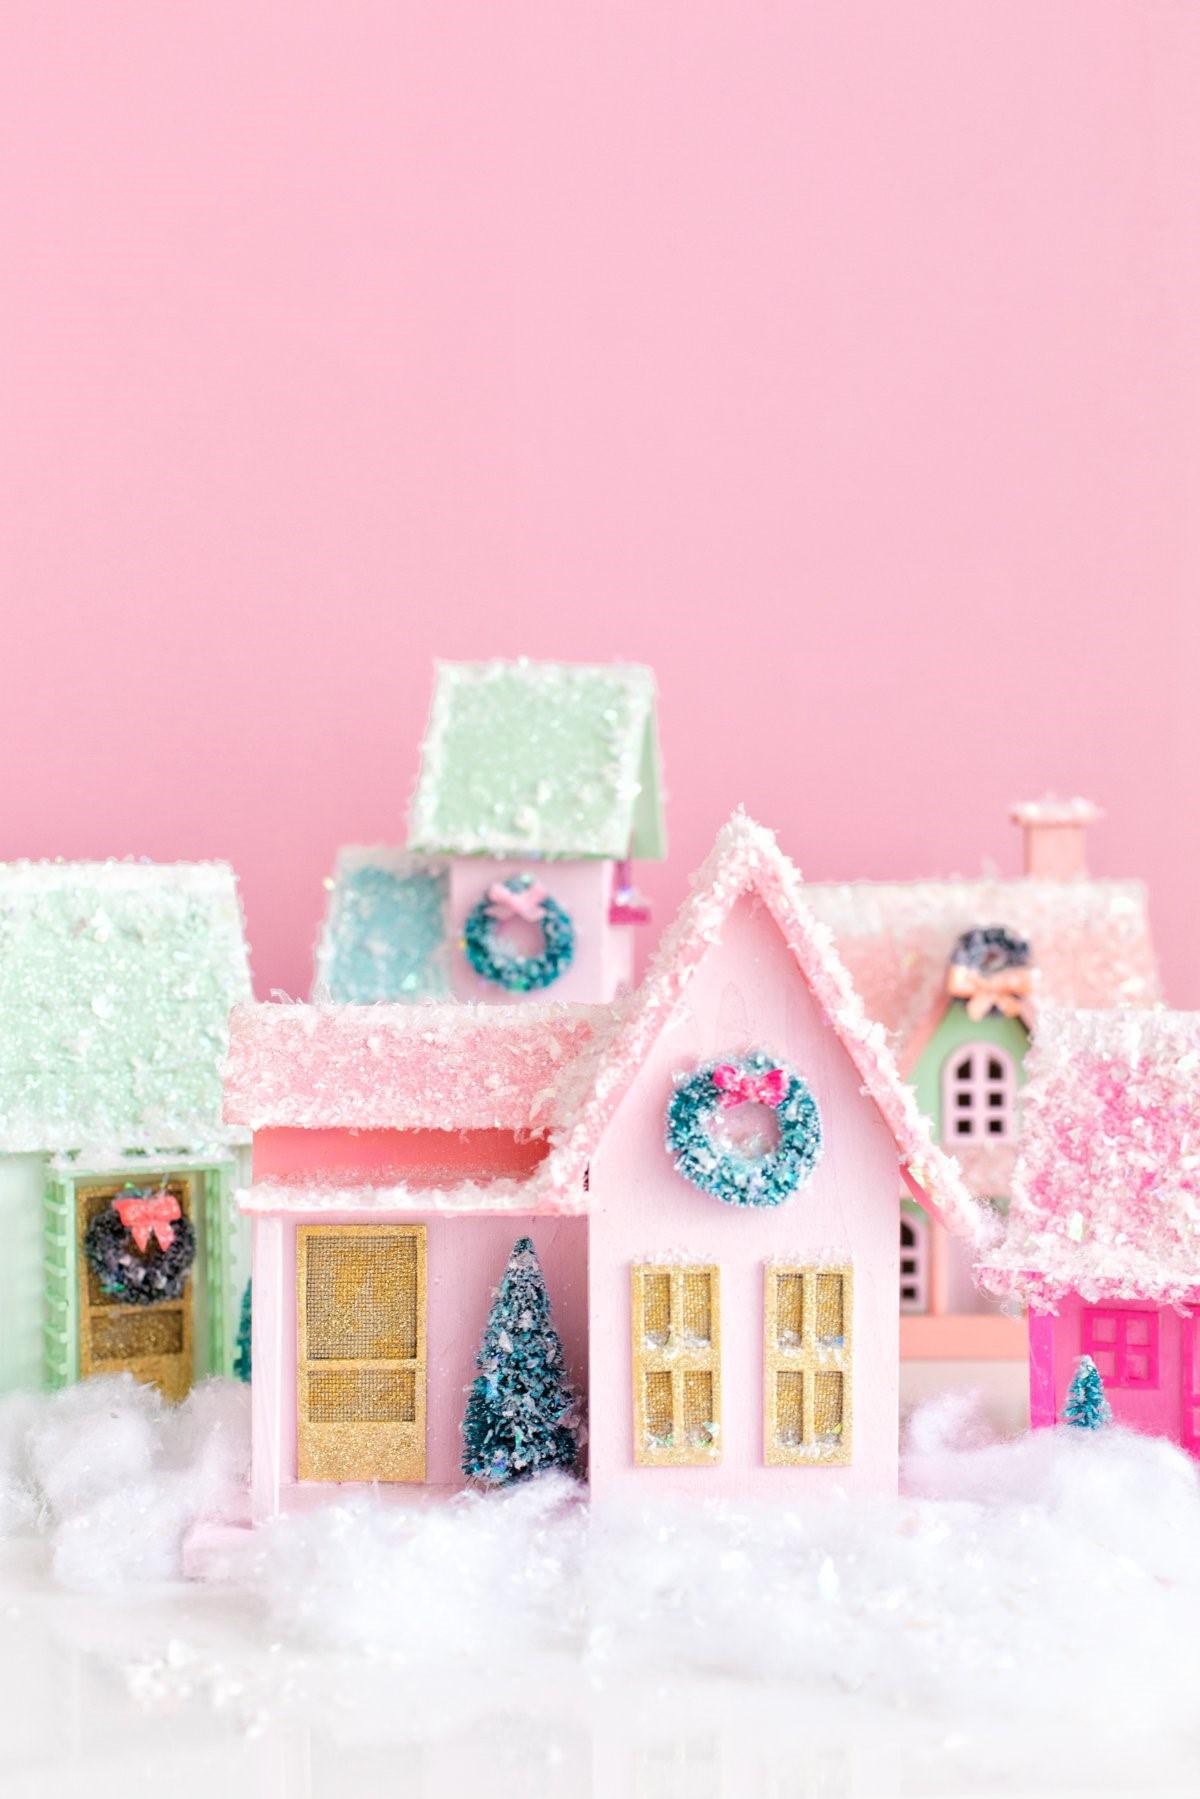 Activité manuelle de Noël: Village de Noël coloré.